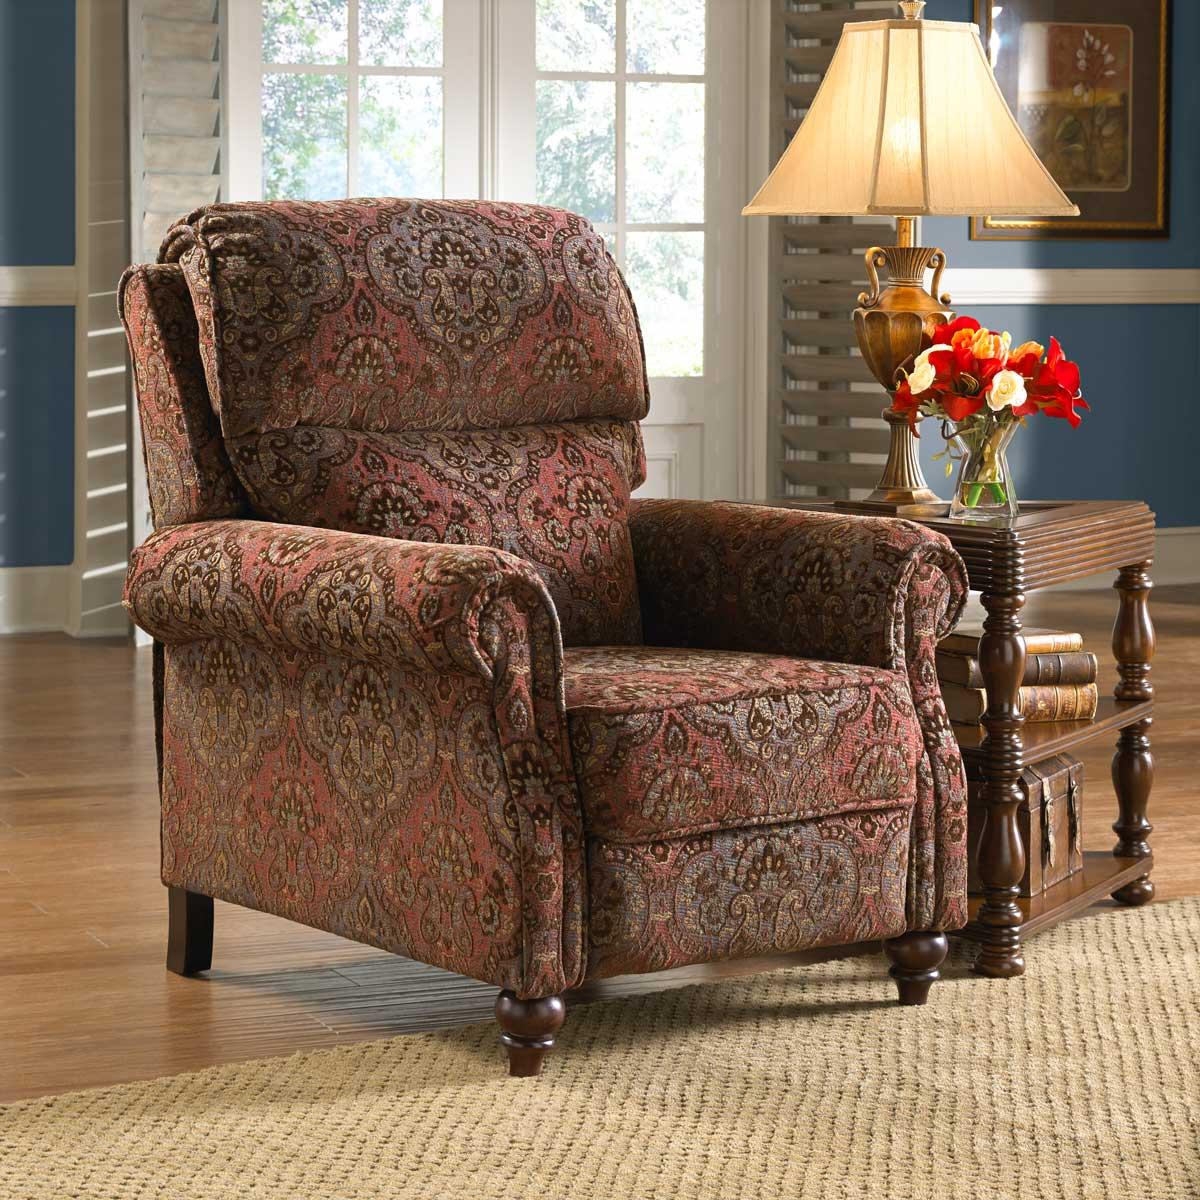 jackson brennan reclining chair